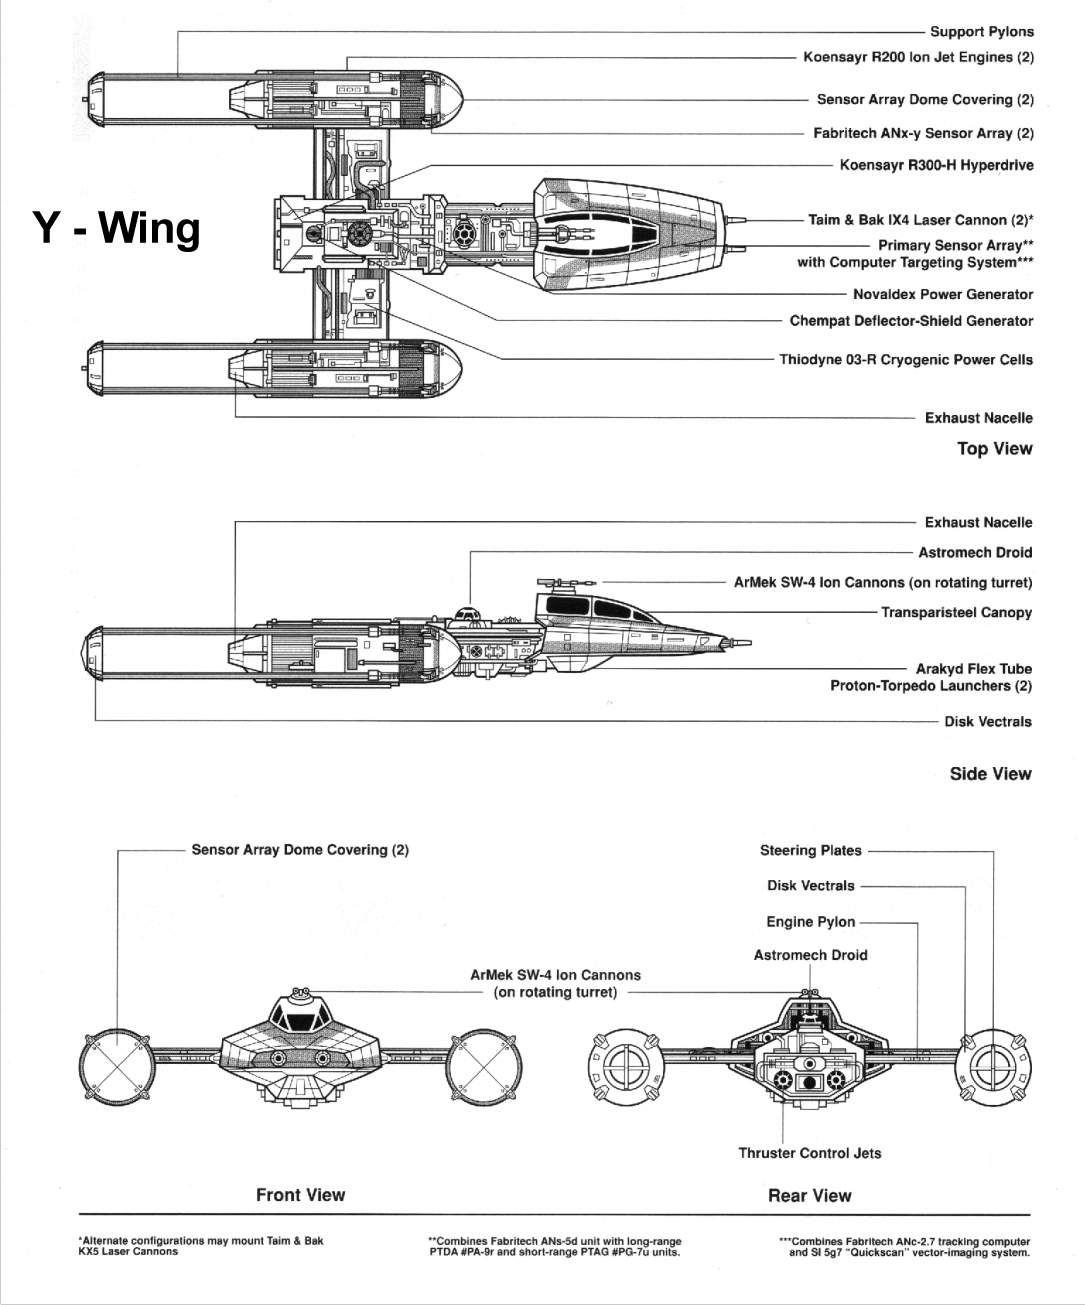 y-wing schematic | star wars | pinterest | kanatlar, savaş ve, Wiring schematic